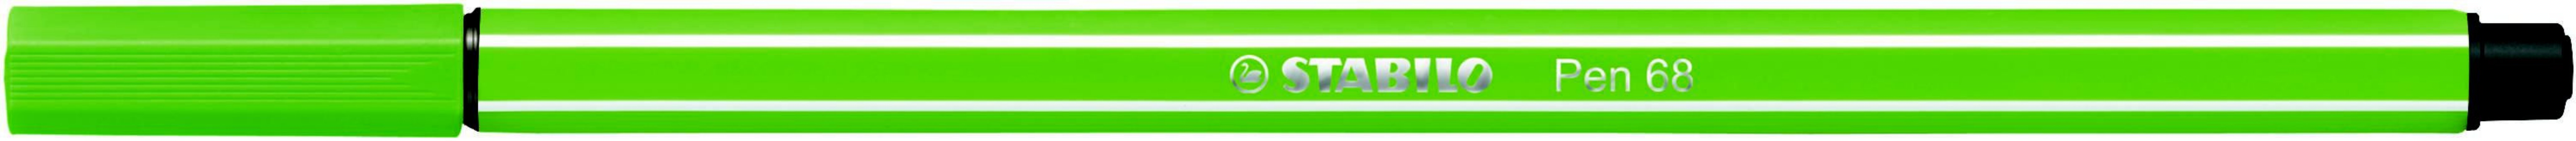 Caneta Stabilo 1.0 Pen 68/33 Maçã Verde